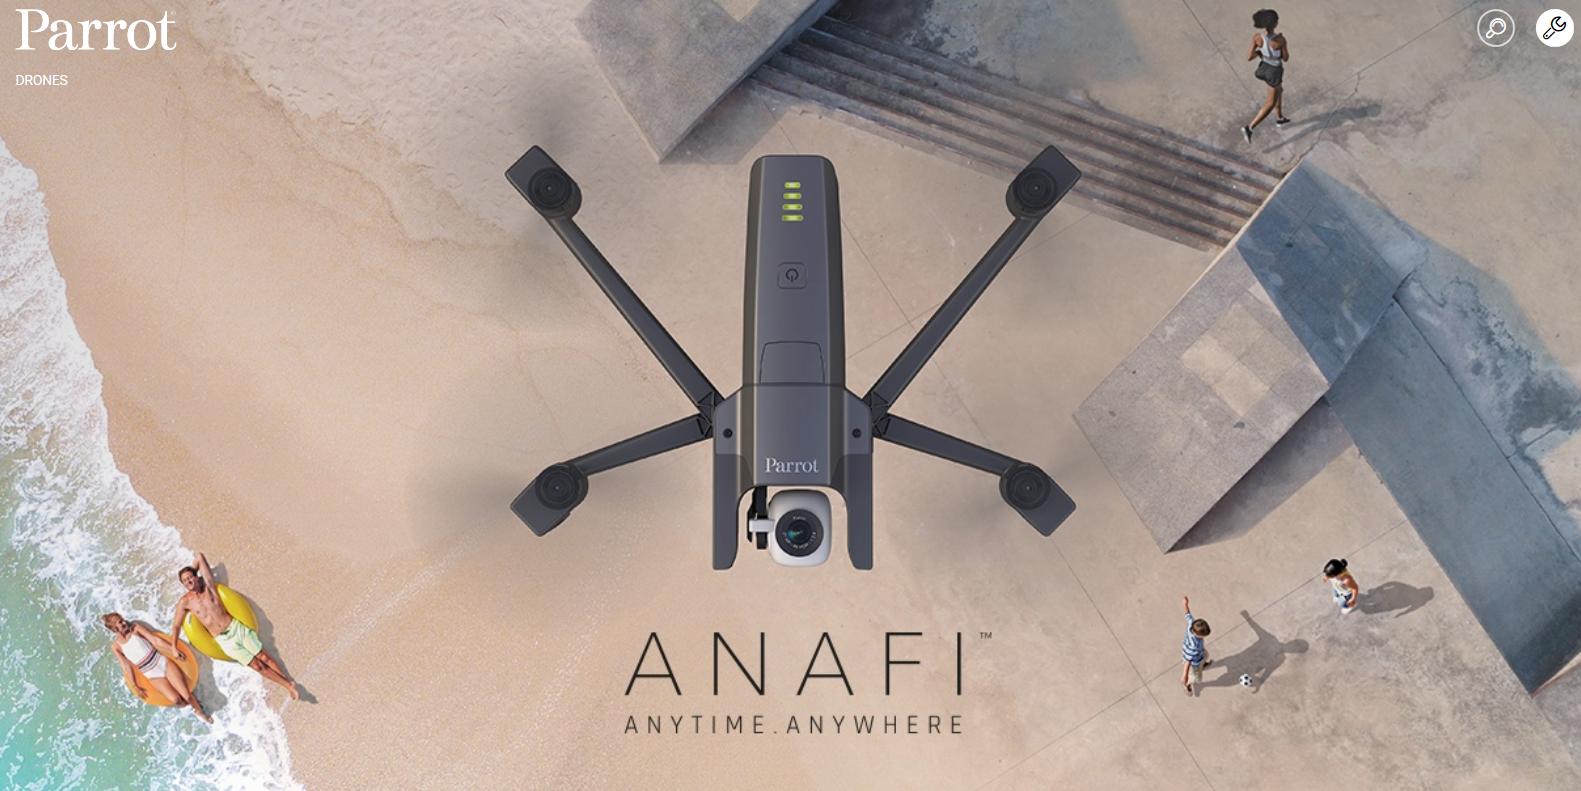 Parrot社から、新型ドローン「ANAFI」登場!気になるスペックの紹介